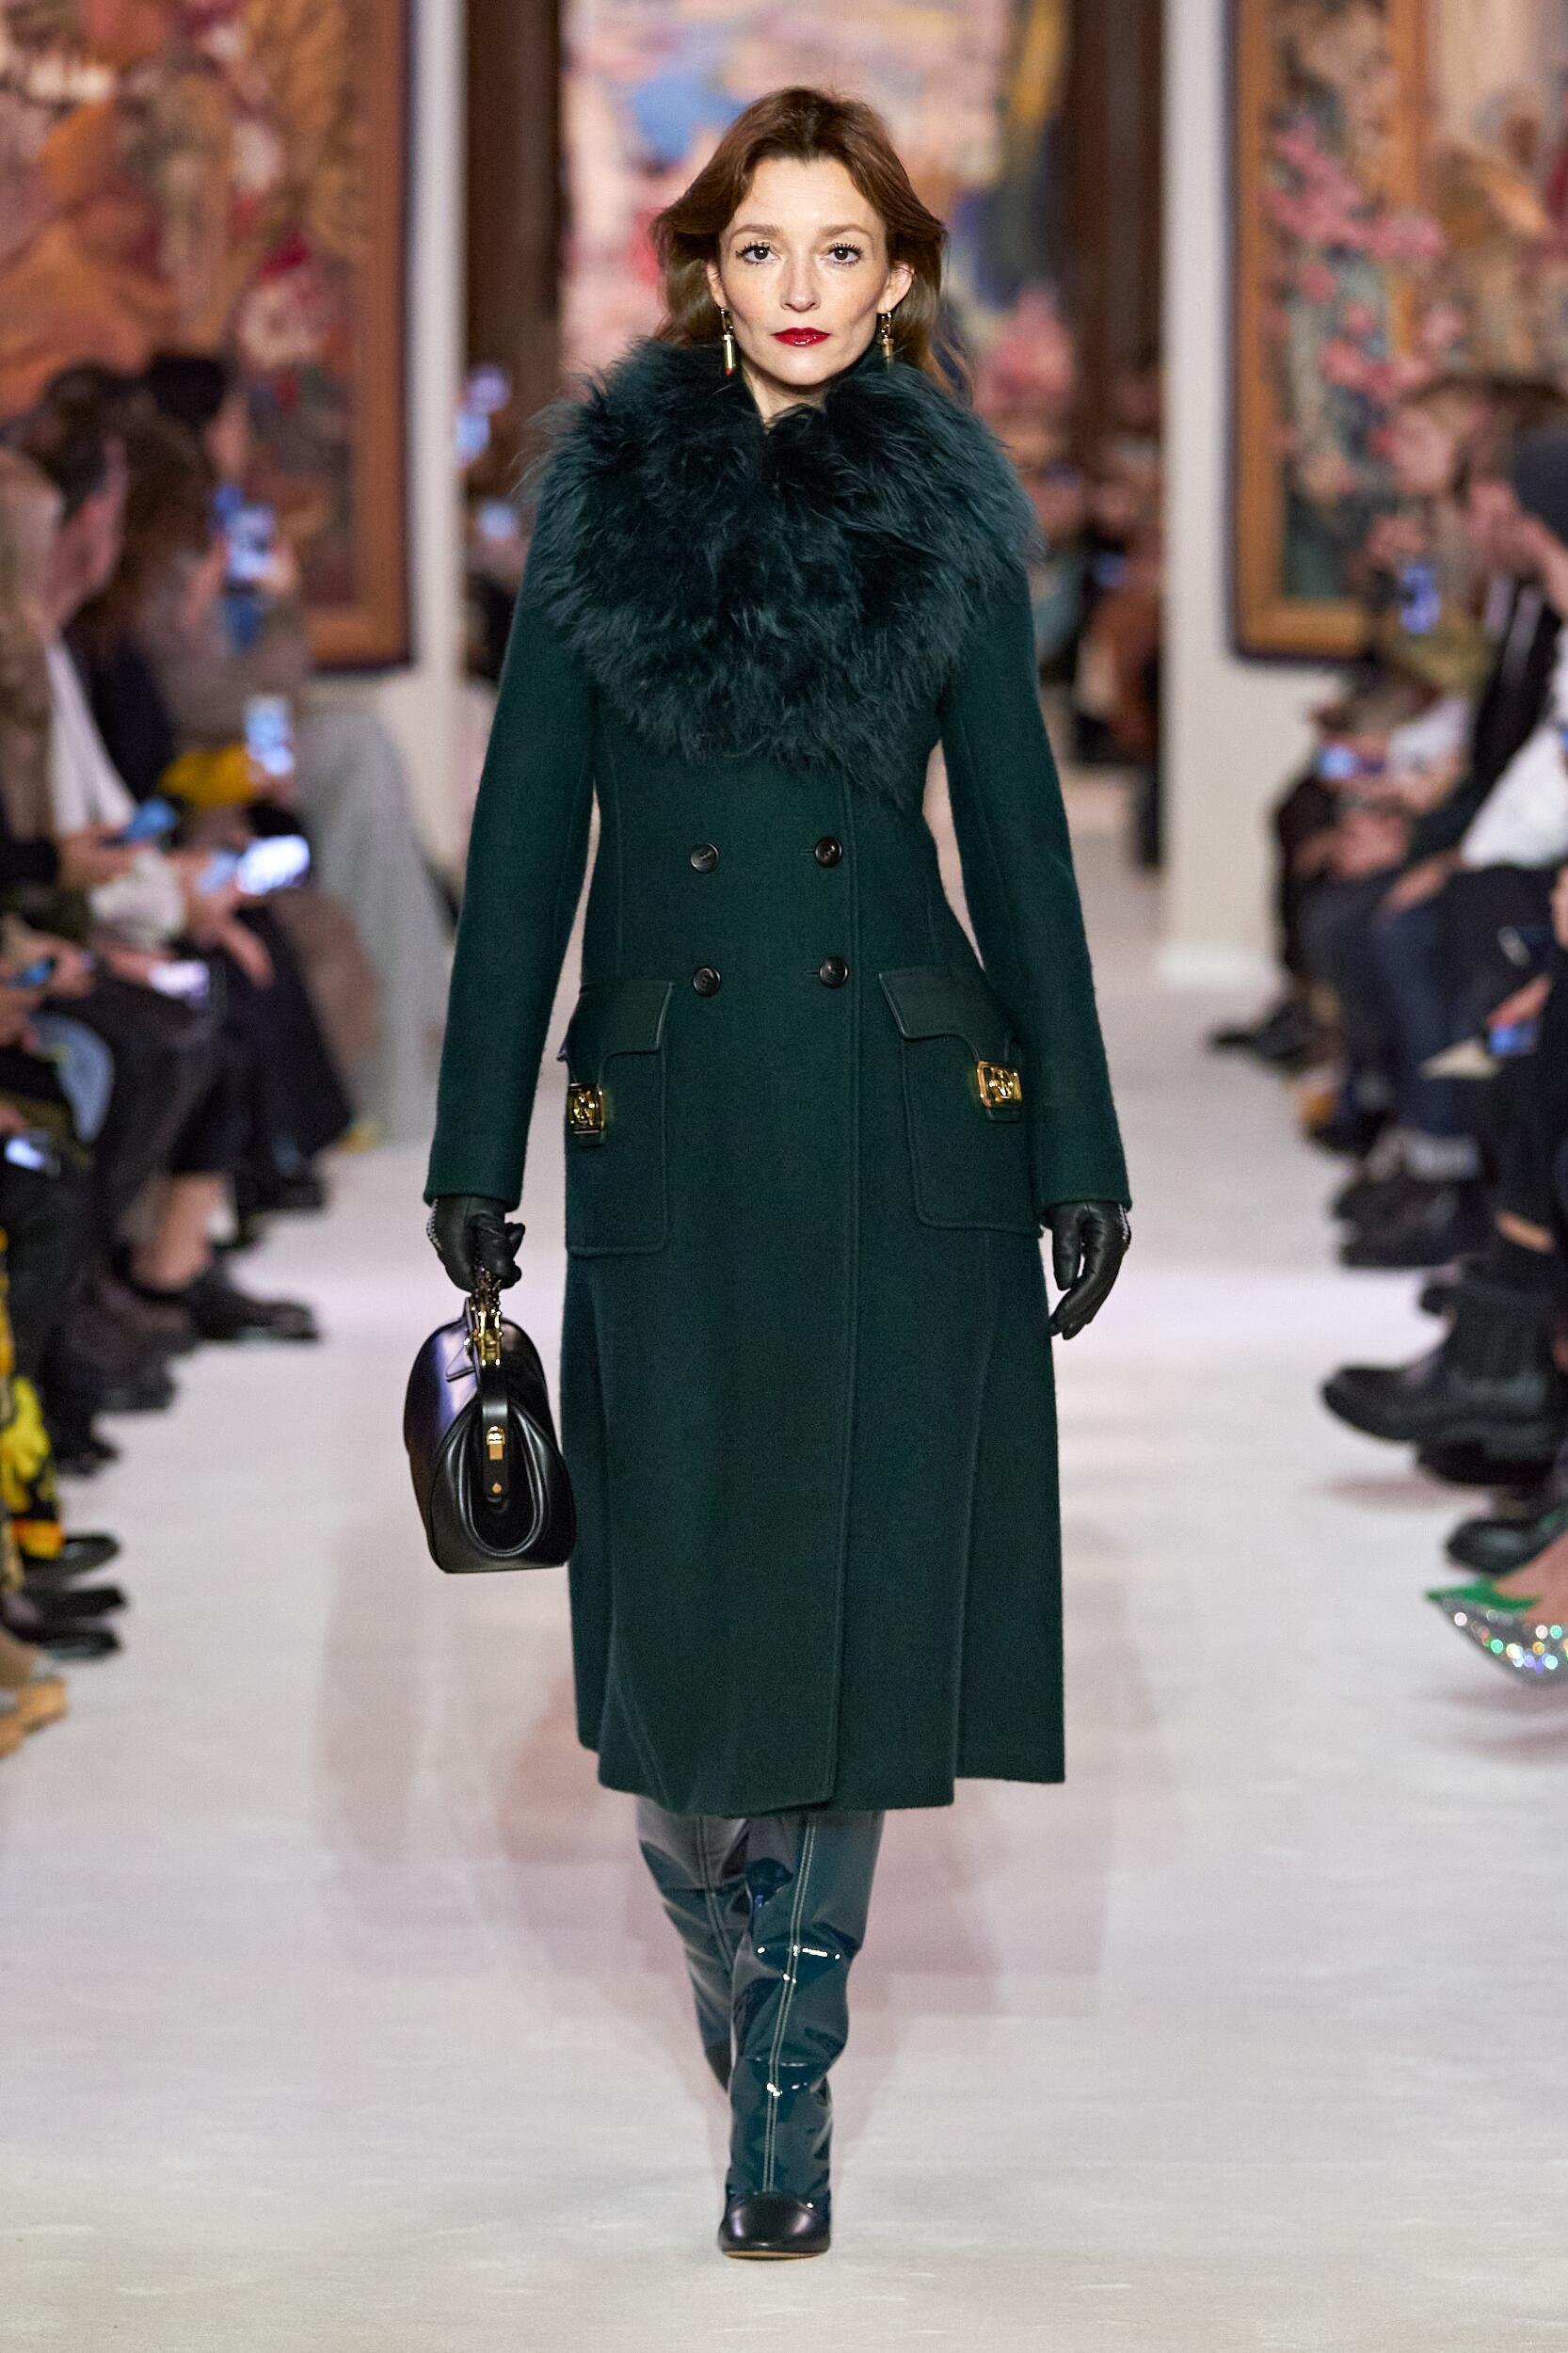 Fashion Show Woman Model Lanvin Catwalk